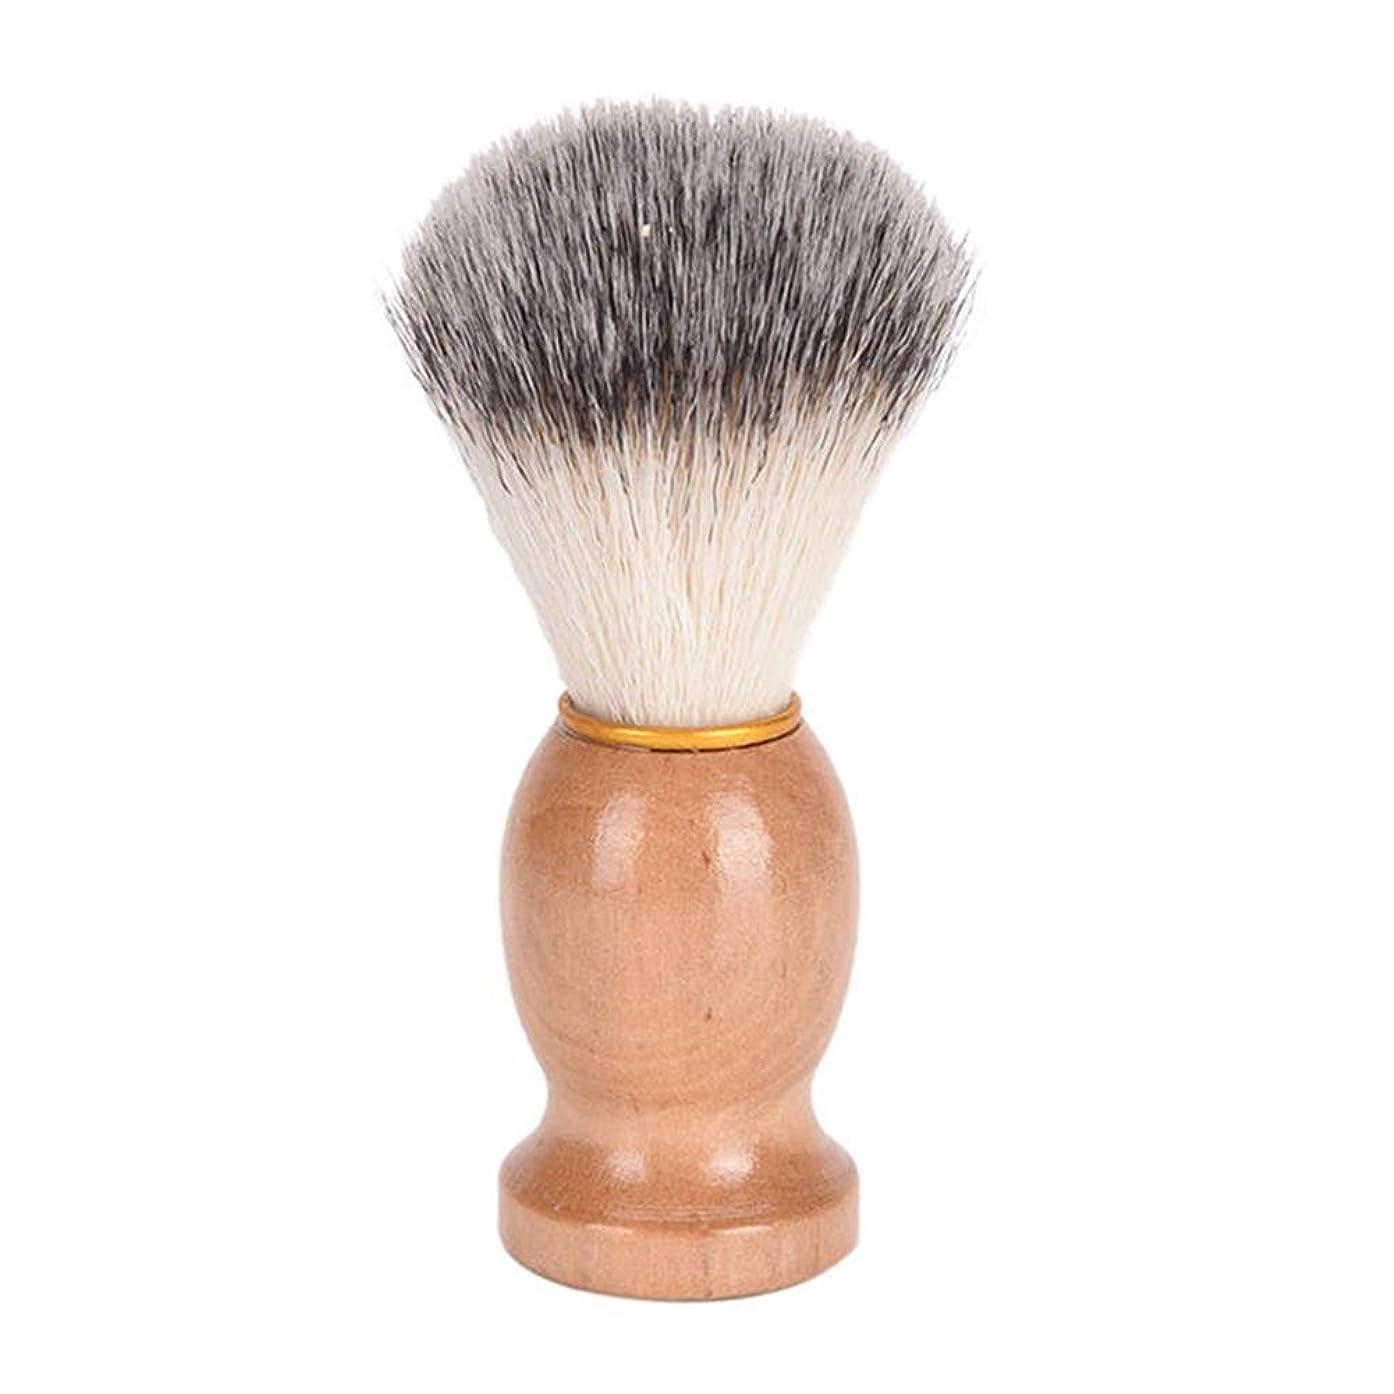 傾向成長する事故ひげブラシ 髭ブラシ シェービング用アクセサリー メンズ用 髭剃り ブラシ シェービングブラシ 木製ハンドル 男性 ギフト理容 洗顔 髭剃り